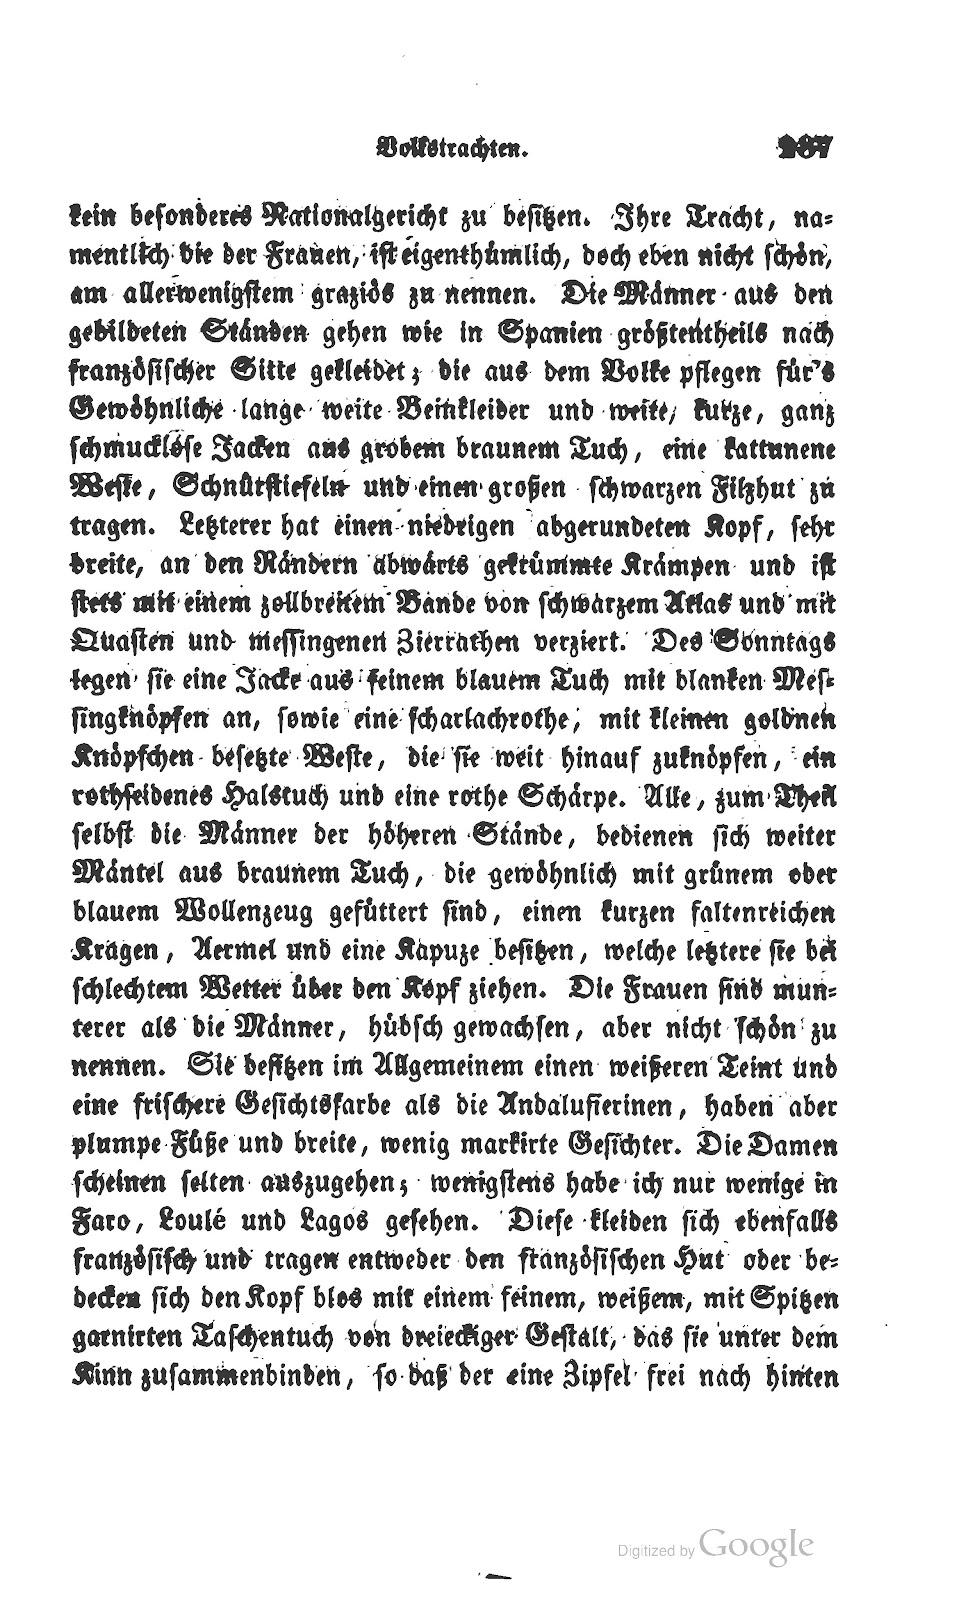 WIllkomm - 10. Kapitel Pages from Zwei_Jahre_in_Spanien_und_Portugal(3)_Page_29.jpg